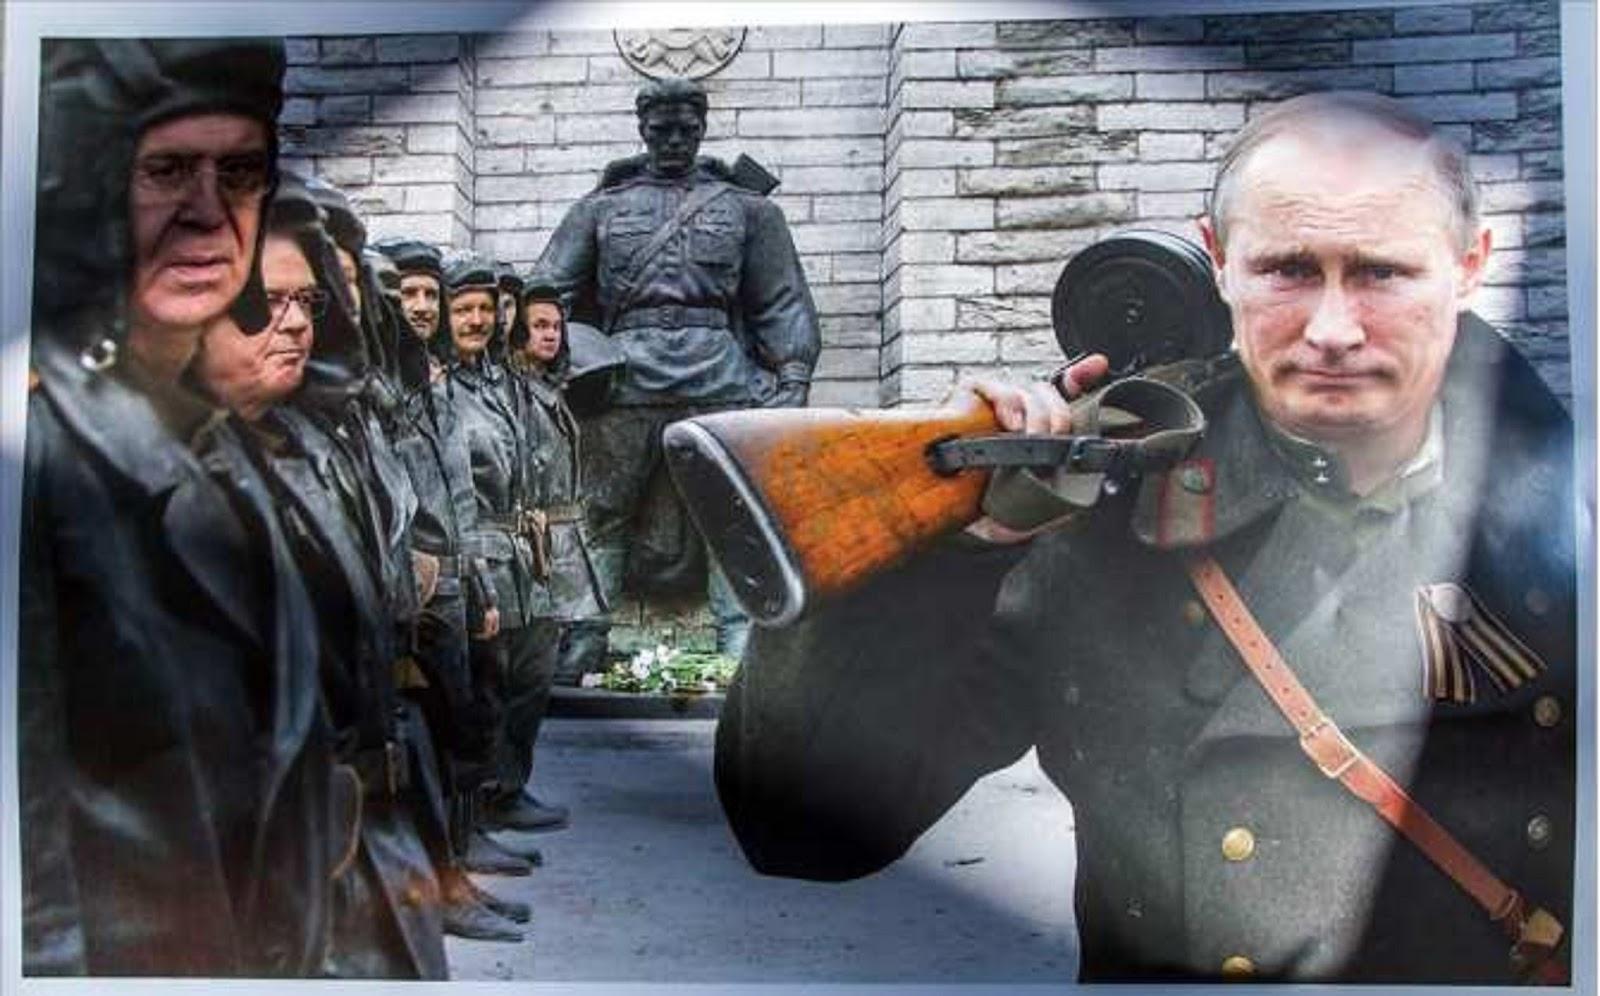 Θρίλερ στις ΗΠΑ με θανάσιμα παιχνίδια κατασκόπων: Νεκρός ο Ρώσος πρώην πράκτορας Alexander Poteyev